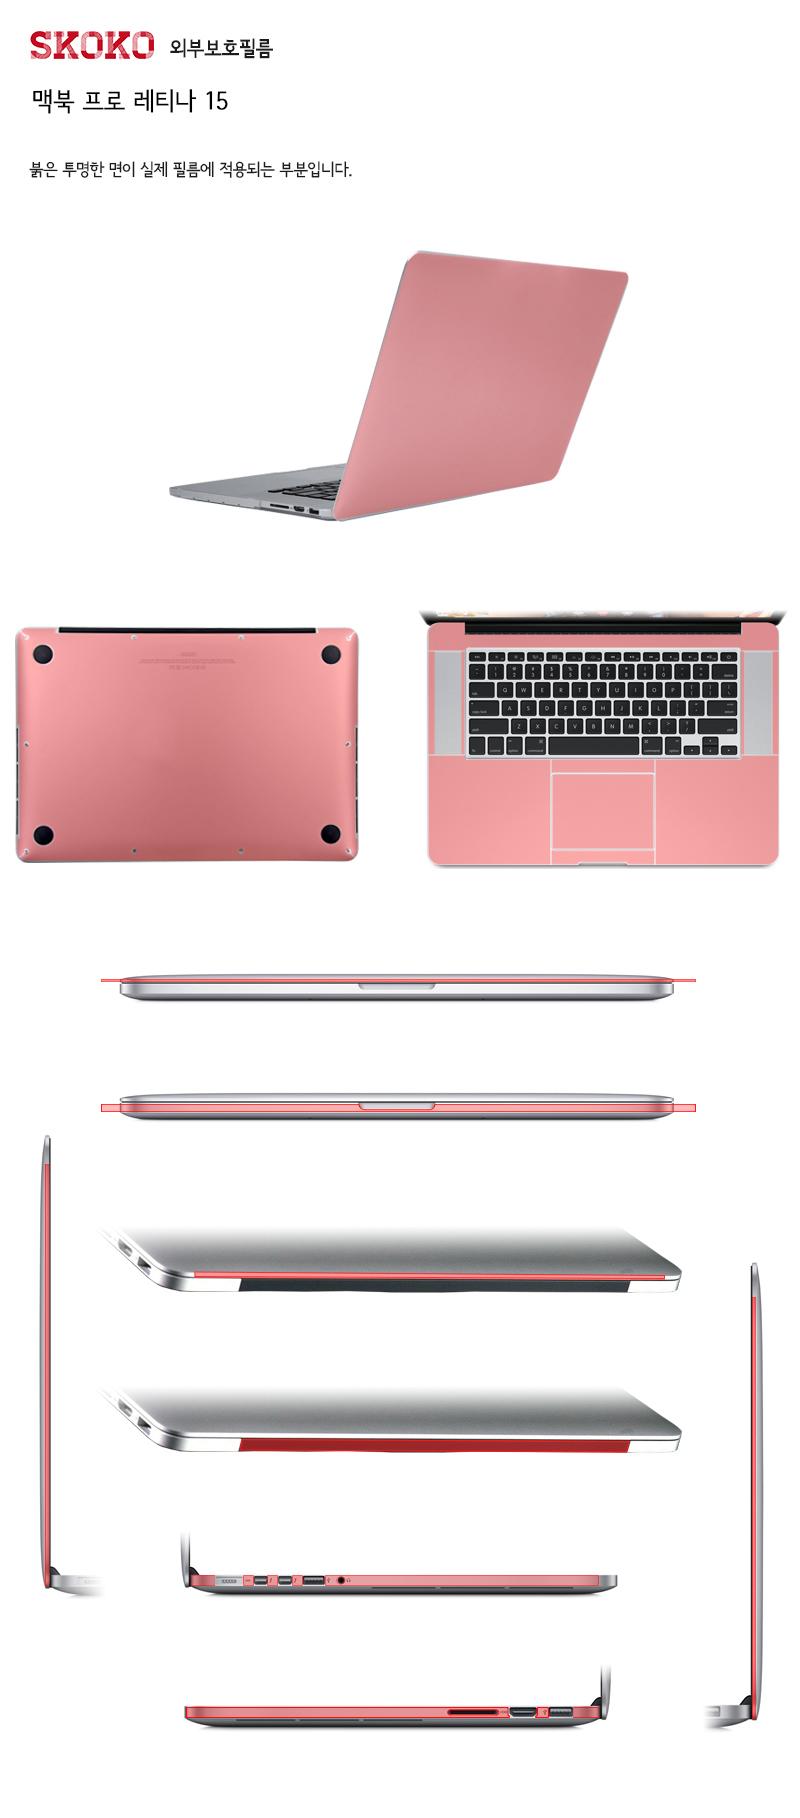 맥북 프로레티나15 페르시안블루 전신 외부보호필름 (각1매) - 스코코, 49,800원, 필름/스킨, 맥북